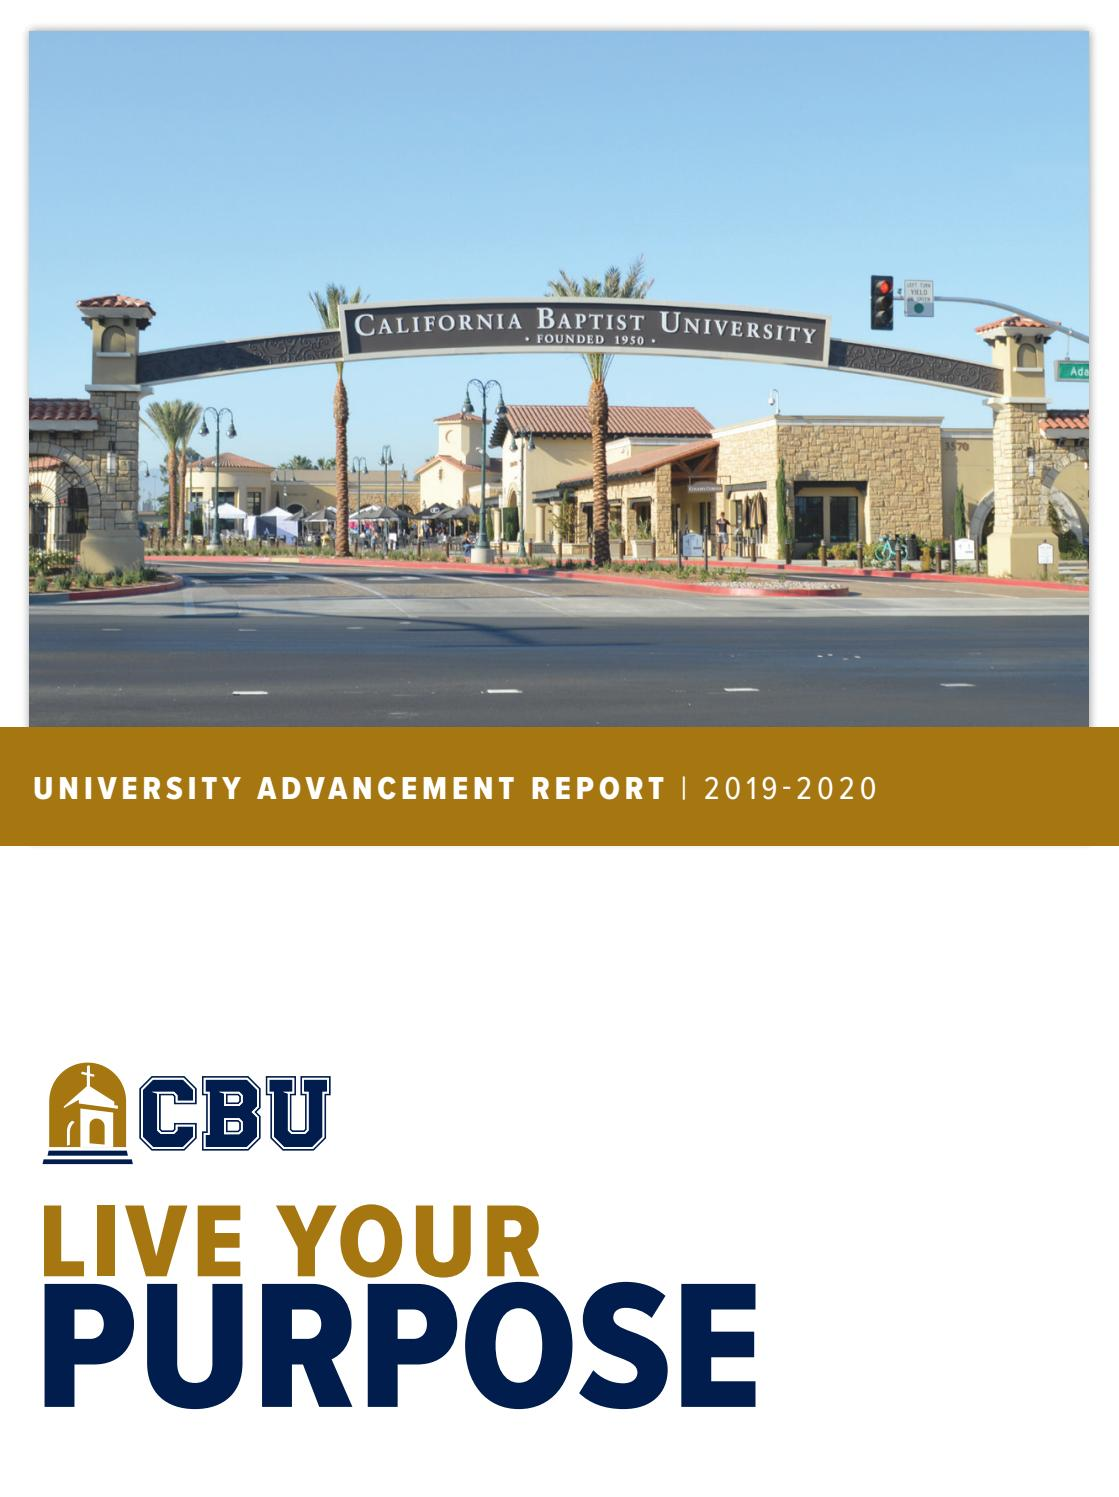 Cbu University Advancement Report 2019 2020 By California Baptist University Issuu